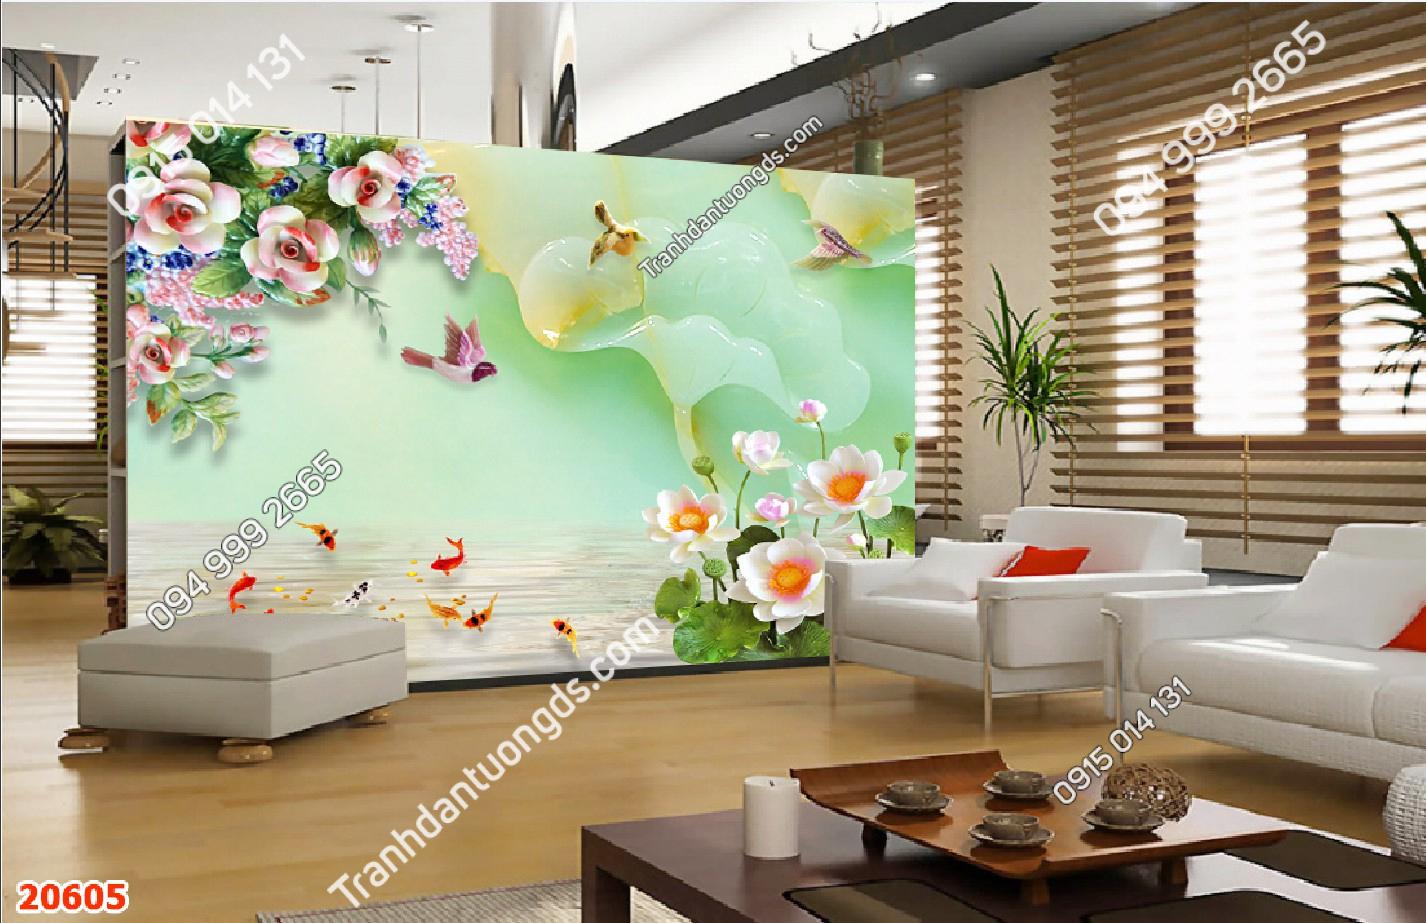 Tranh dán tường cá chép và hoa ngọc 20605 demo